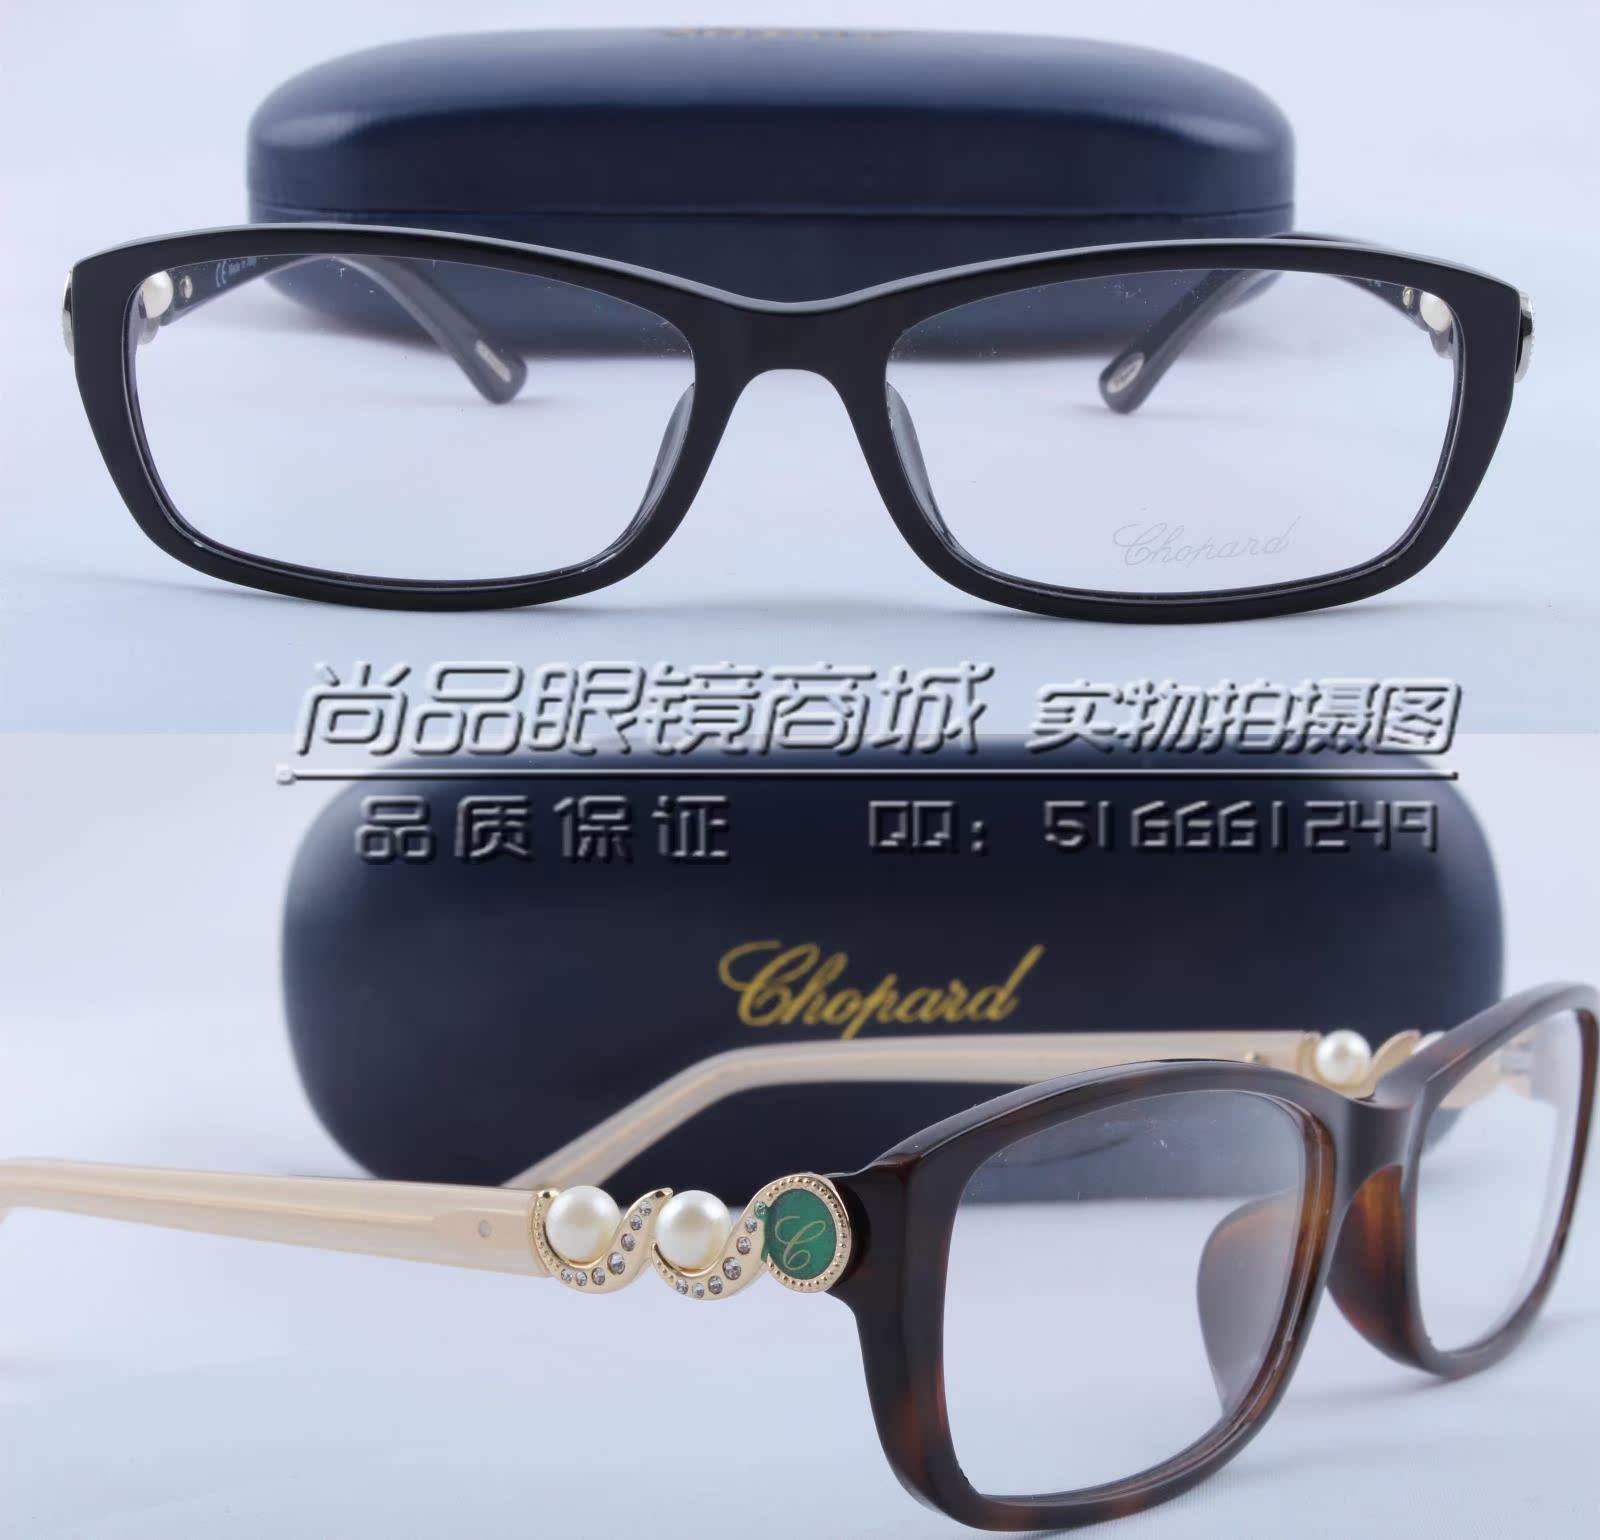 新款肖邦眼镜架VCH 087R 奢华珍珠钻石 女近视板材眼镜架